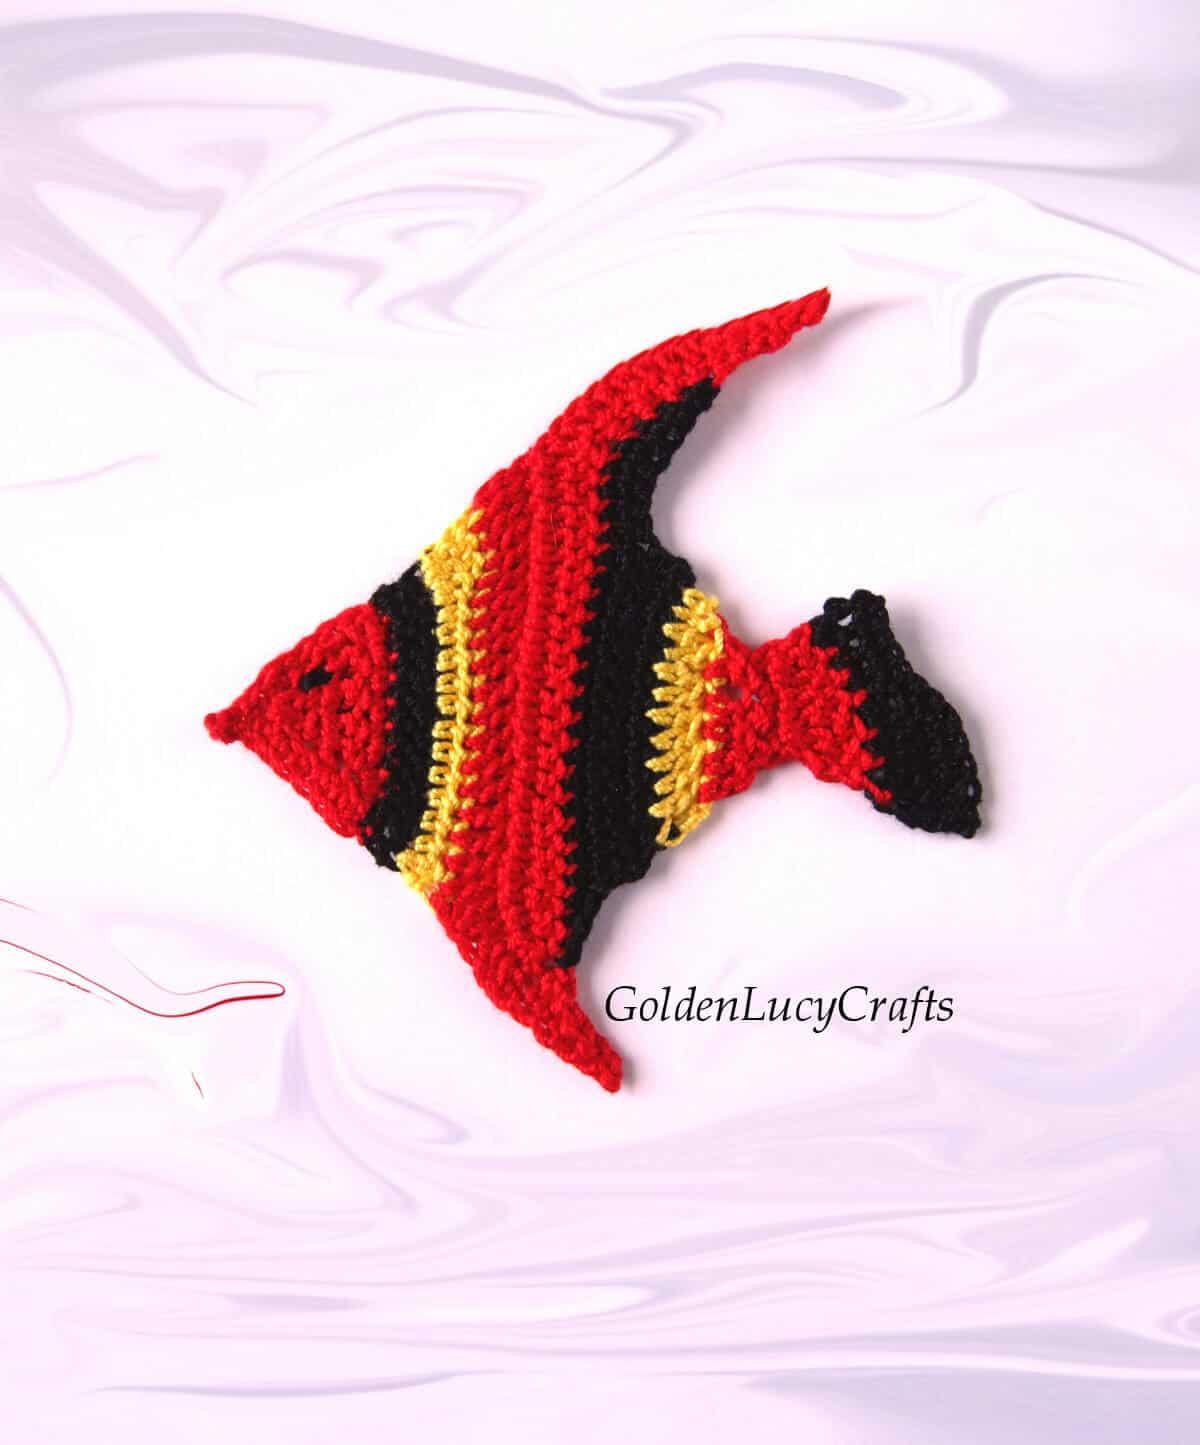 Aplique de crochet de pez en colores rojo, negro y amarillo.